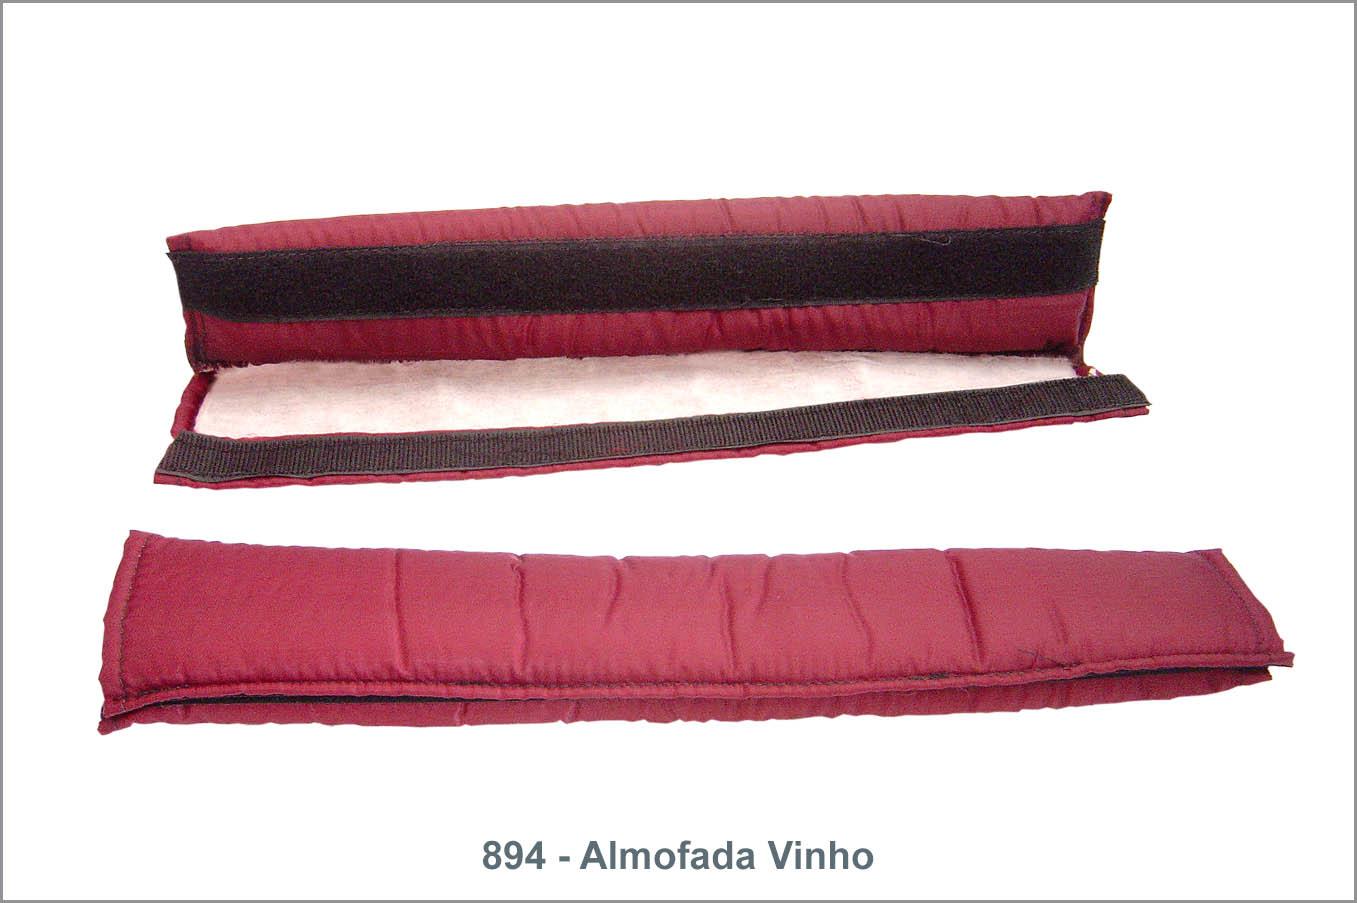 894 Almofada Vinho